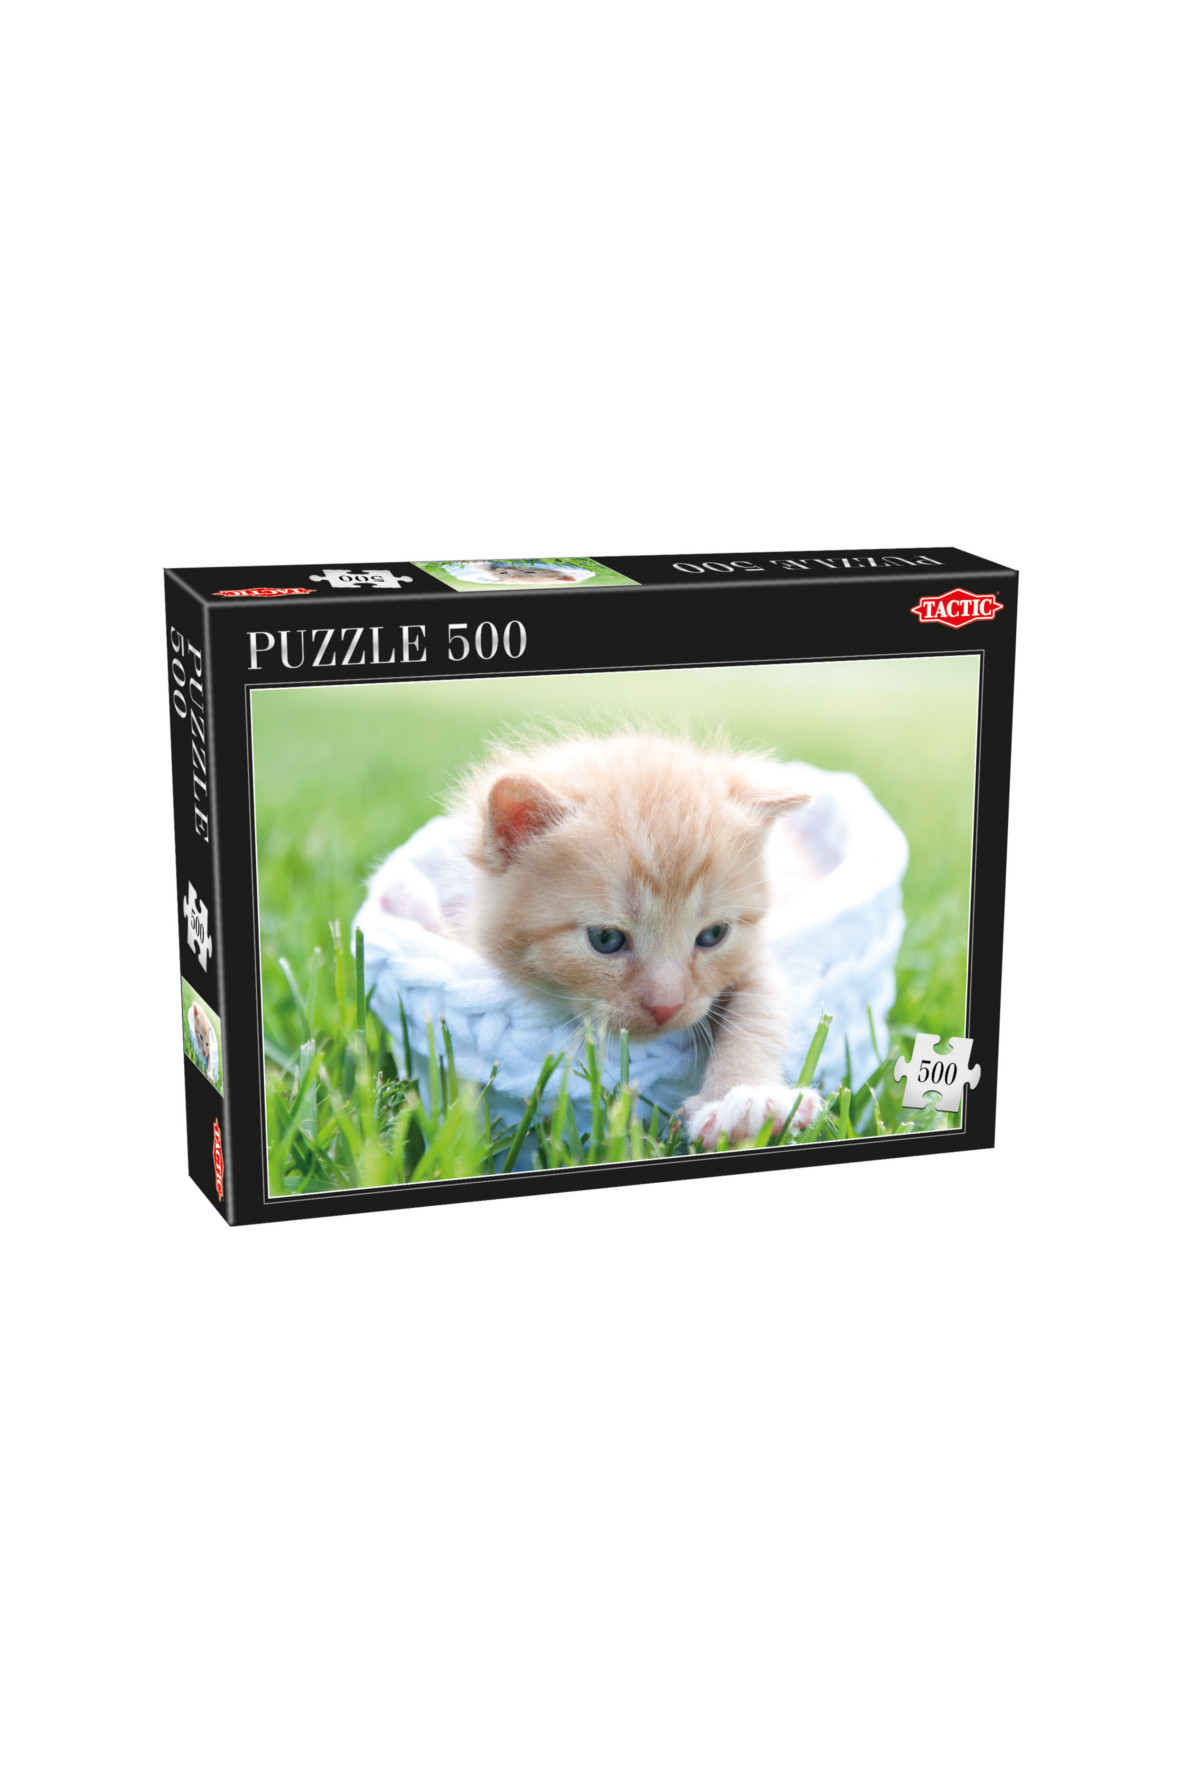 Puzzle Cat 500 el. 4Y33BE